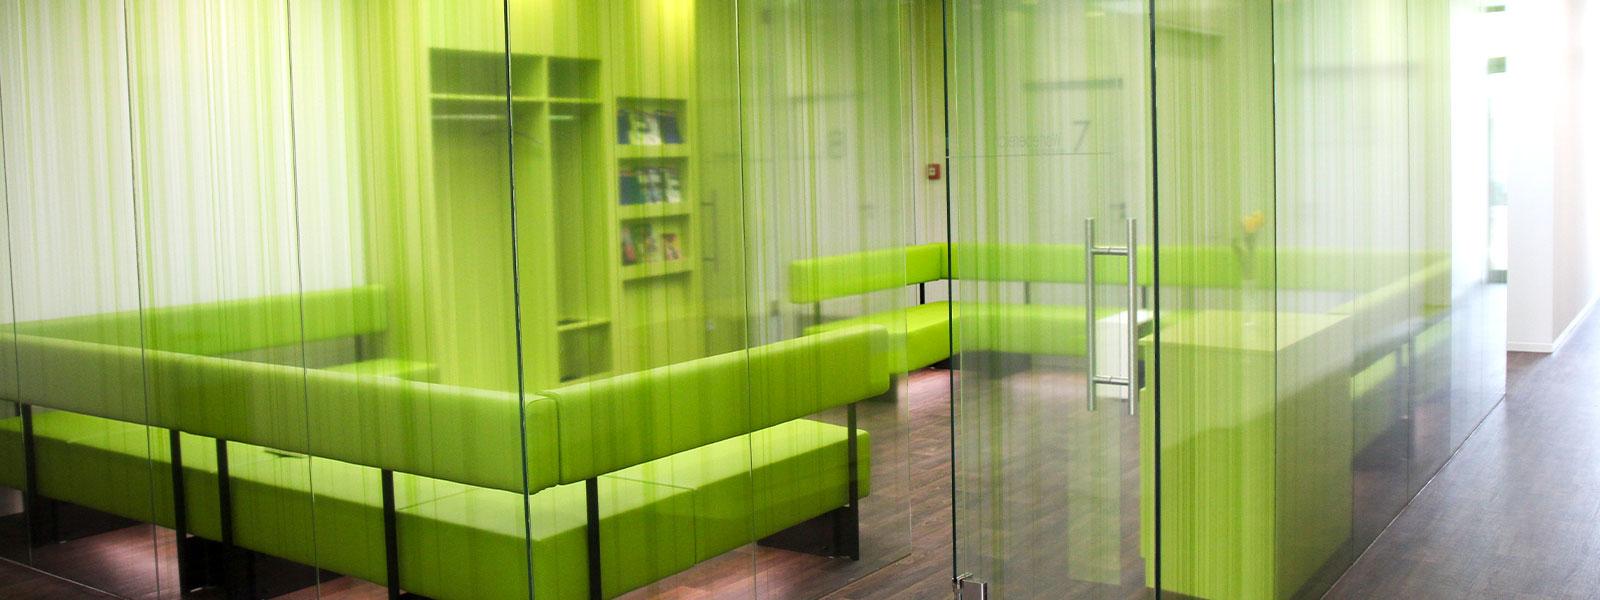 Wartebereich des Medizinischen Versorgungszentrums Günzburg